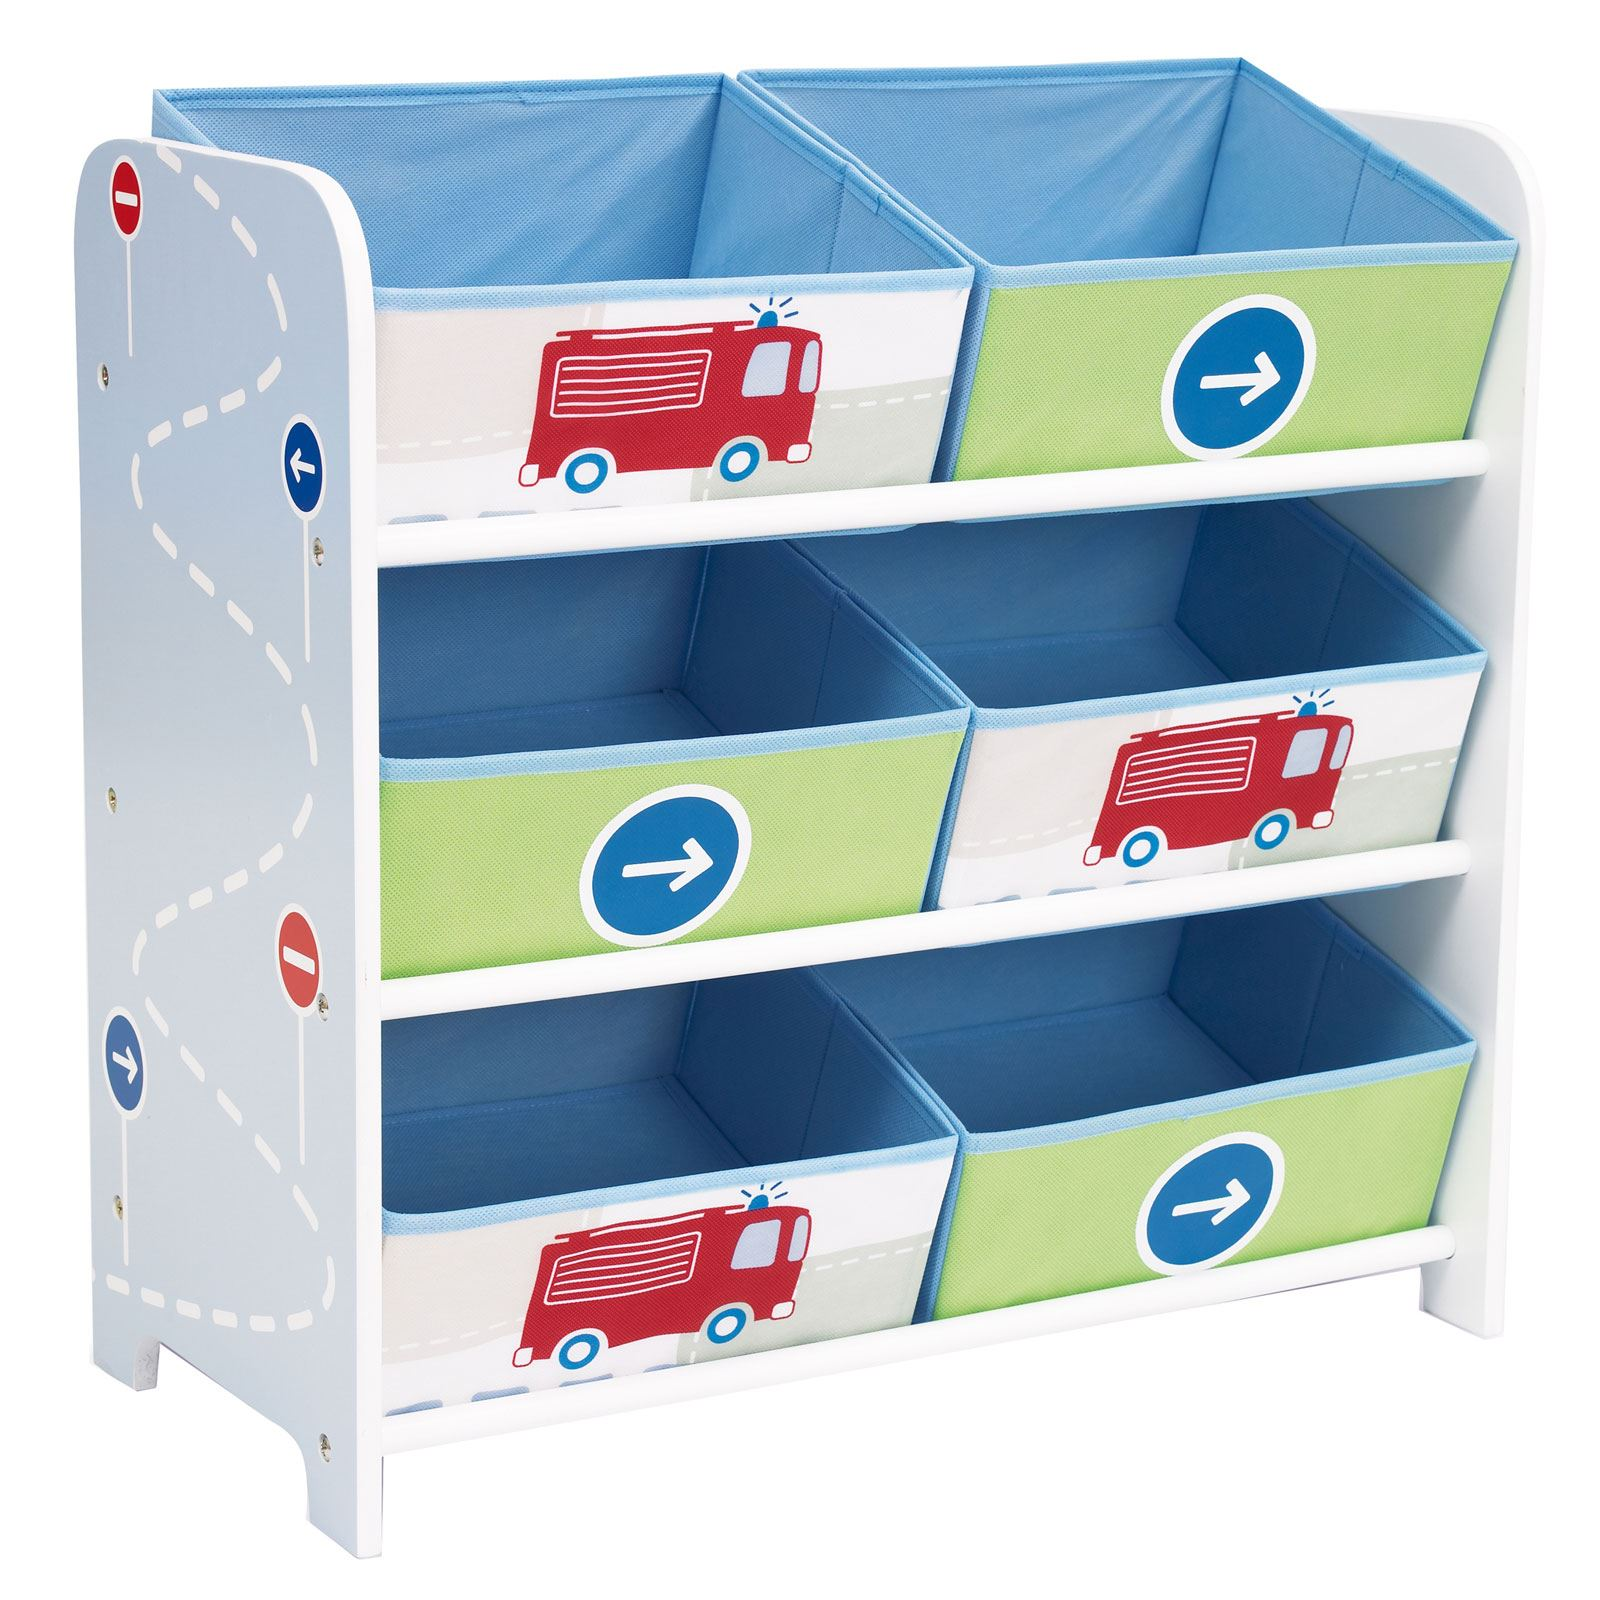 personnage-enfants-6-Poubelle-unite-de-stockage-meuble-chambre-a-coucher-DISNEY